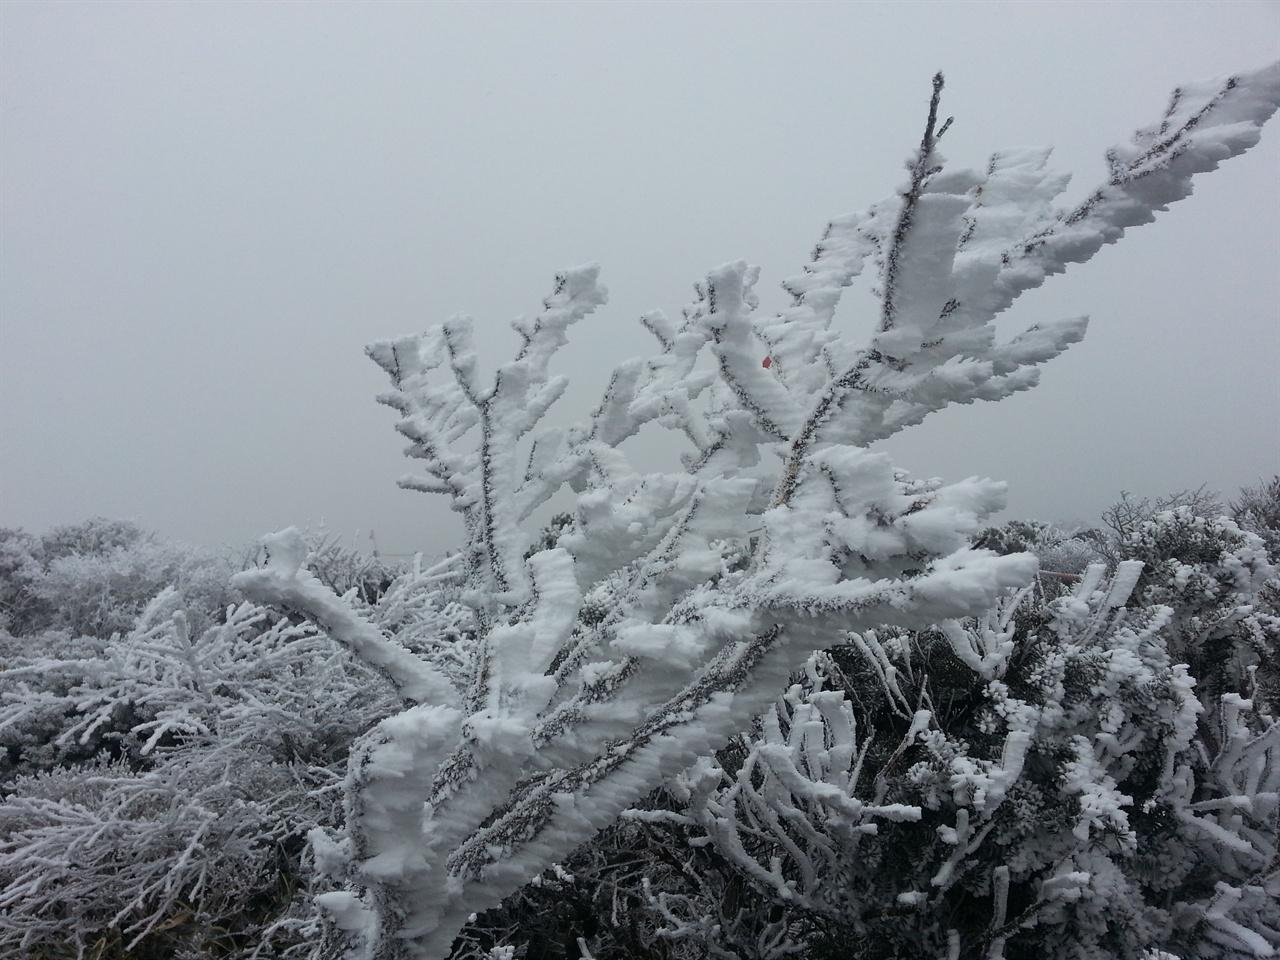 한라산 눈꽃 영실계곡에 핀 아름다운 눈꽃, 2016년 11월23일